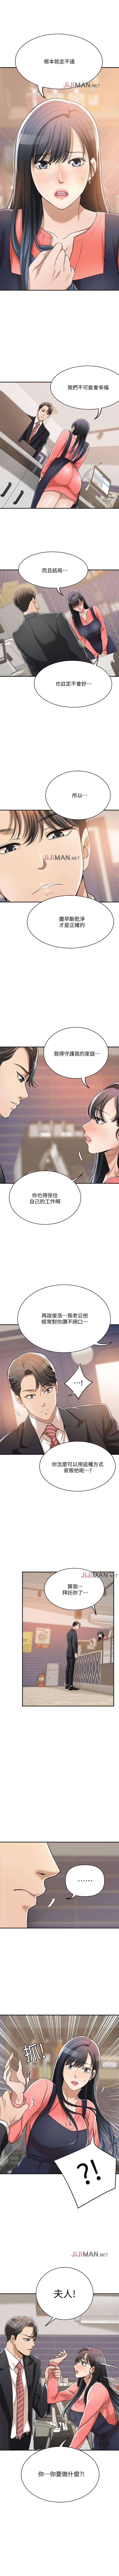 【周四连载】抑慾人妻(作者:月兔&李萬) 第1~22话 149